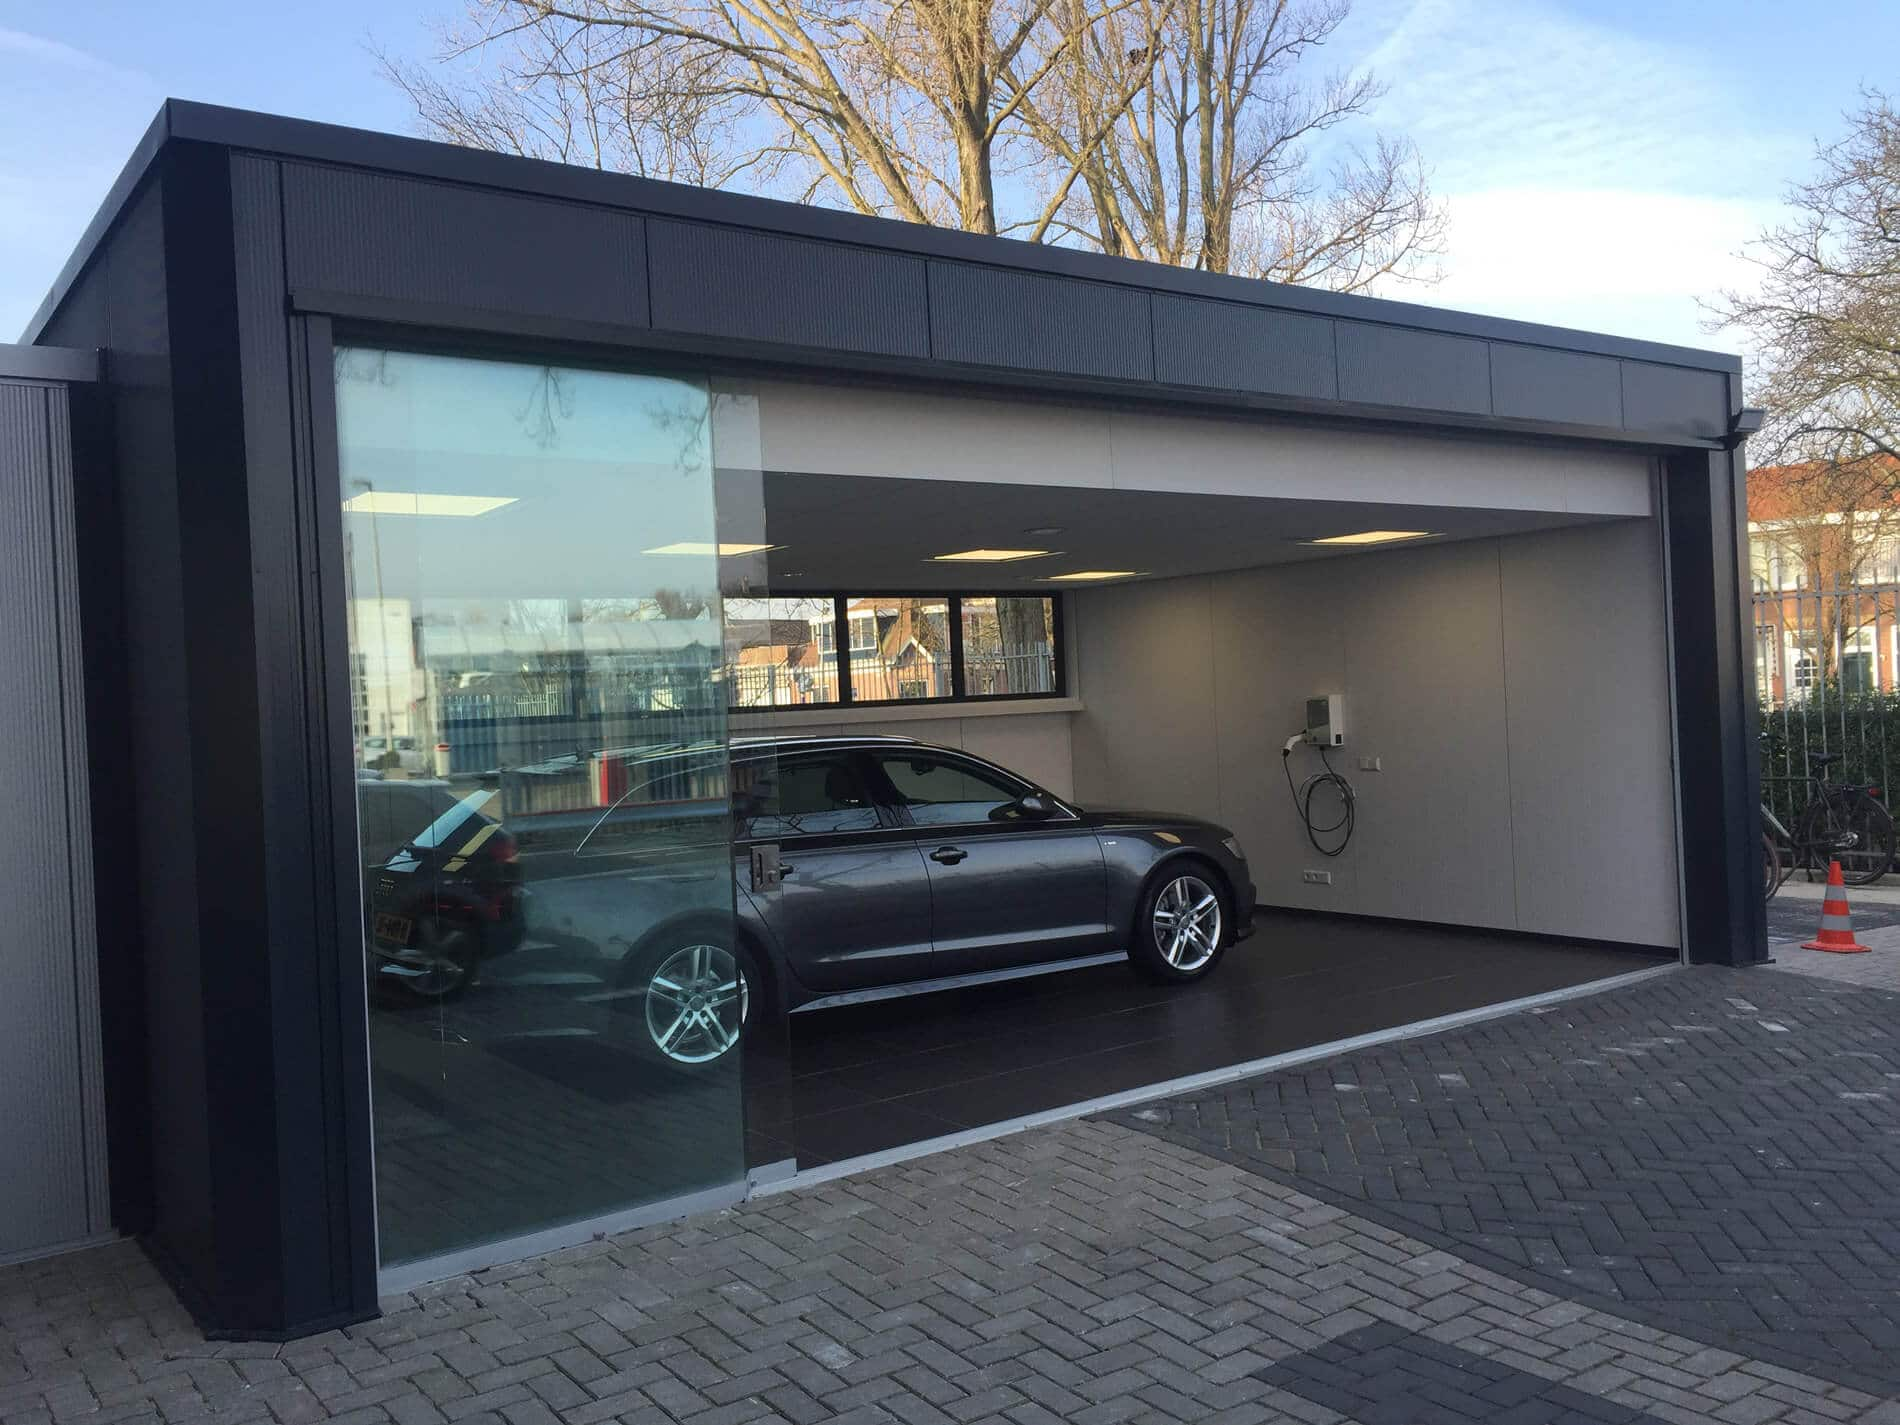 Sunflex Schiebefenster für moderne Garage